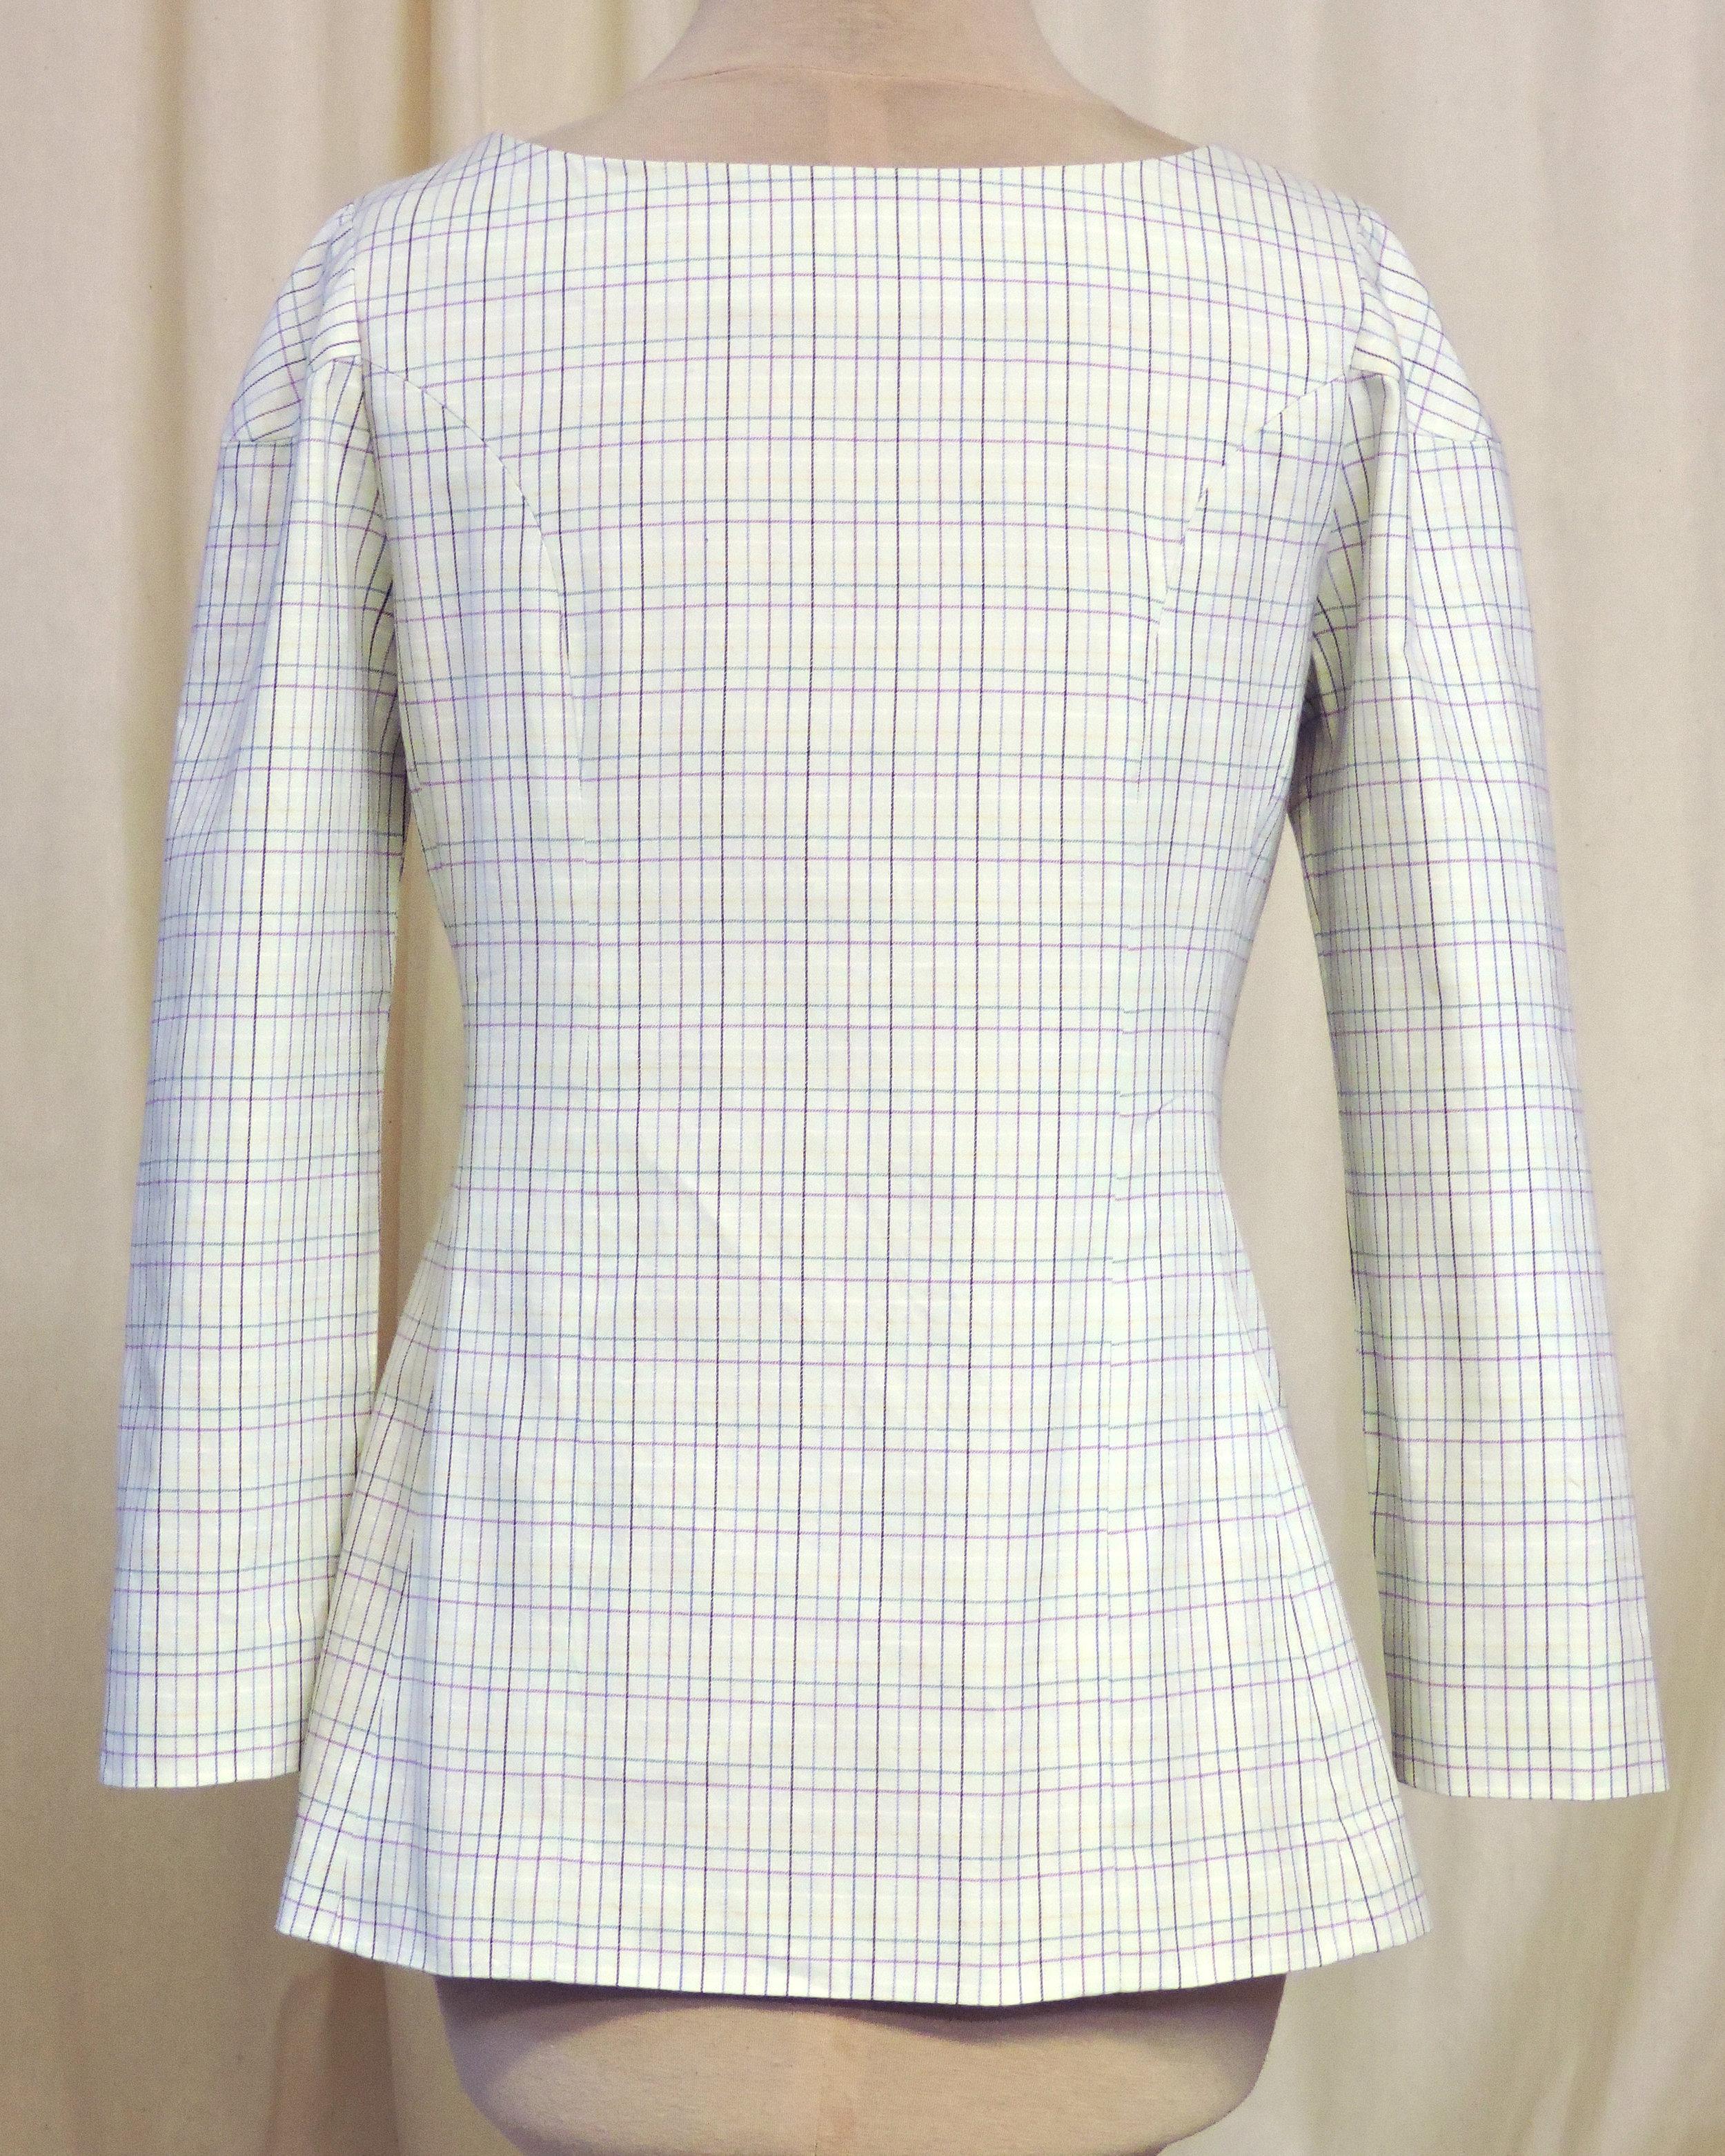 blouse23-2.jpg